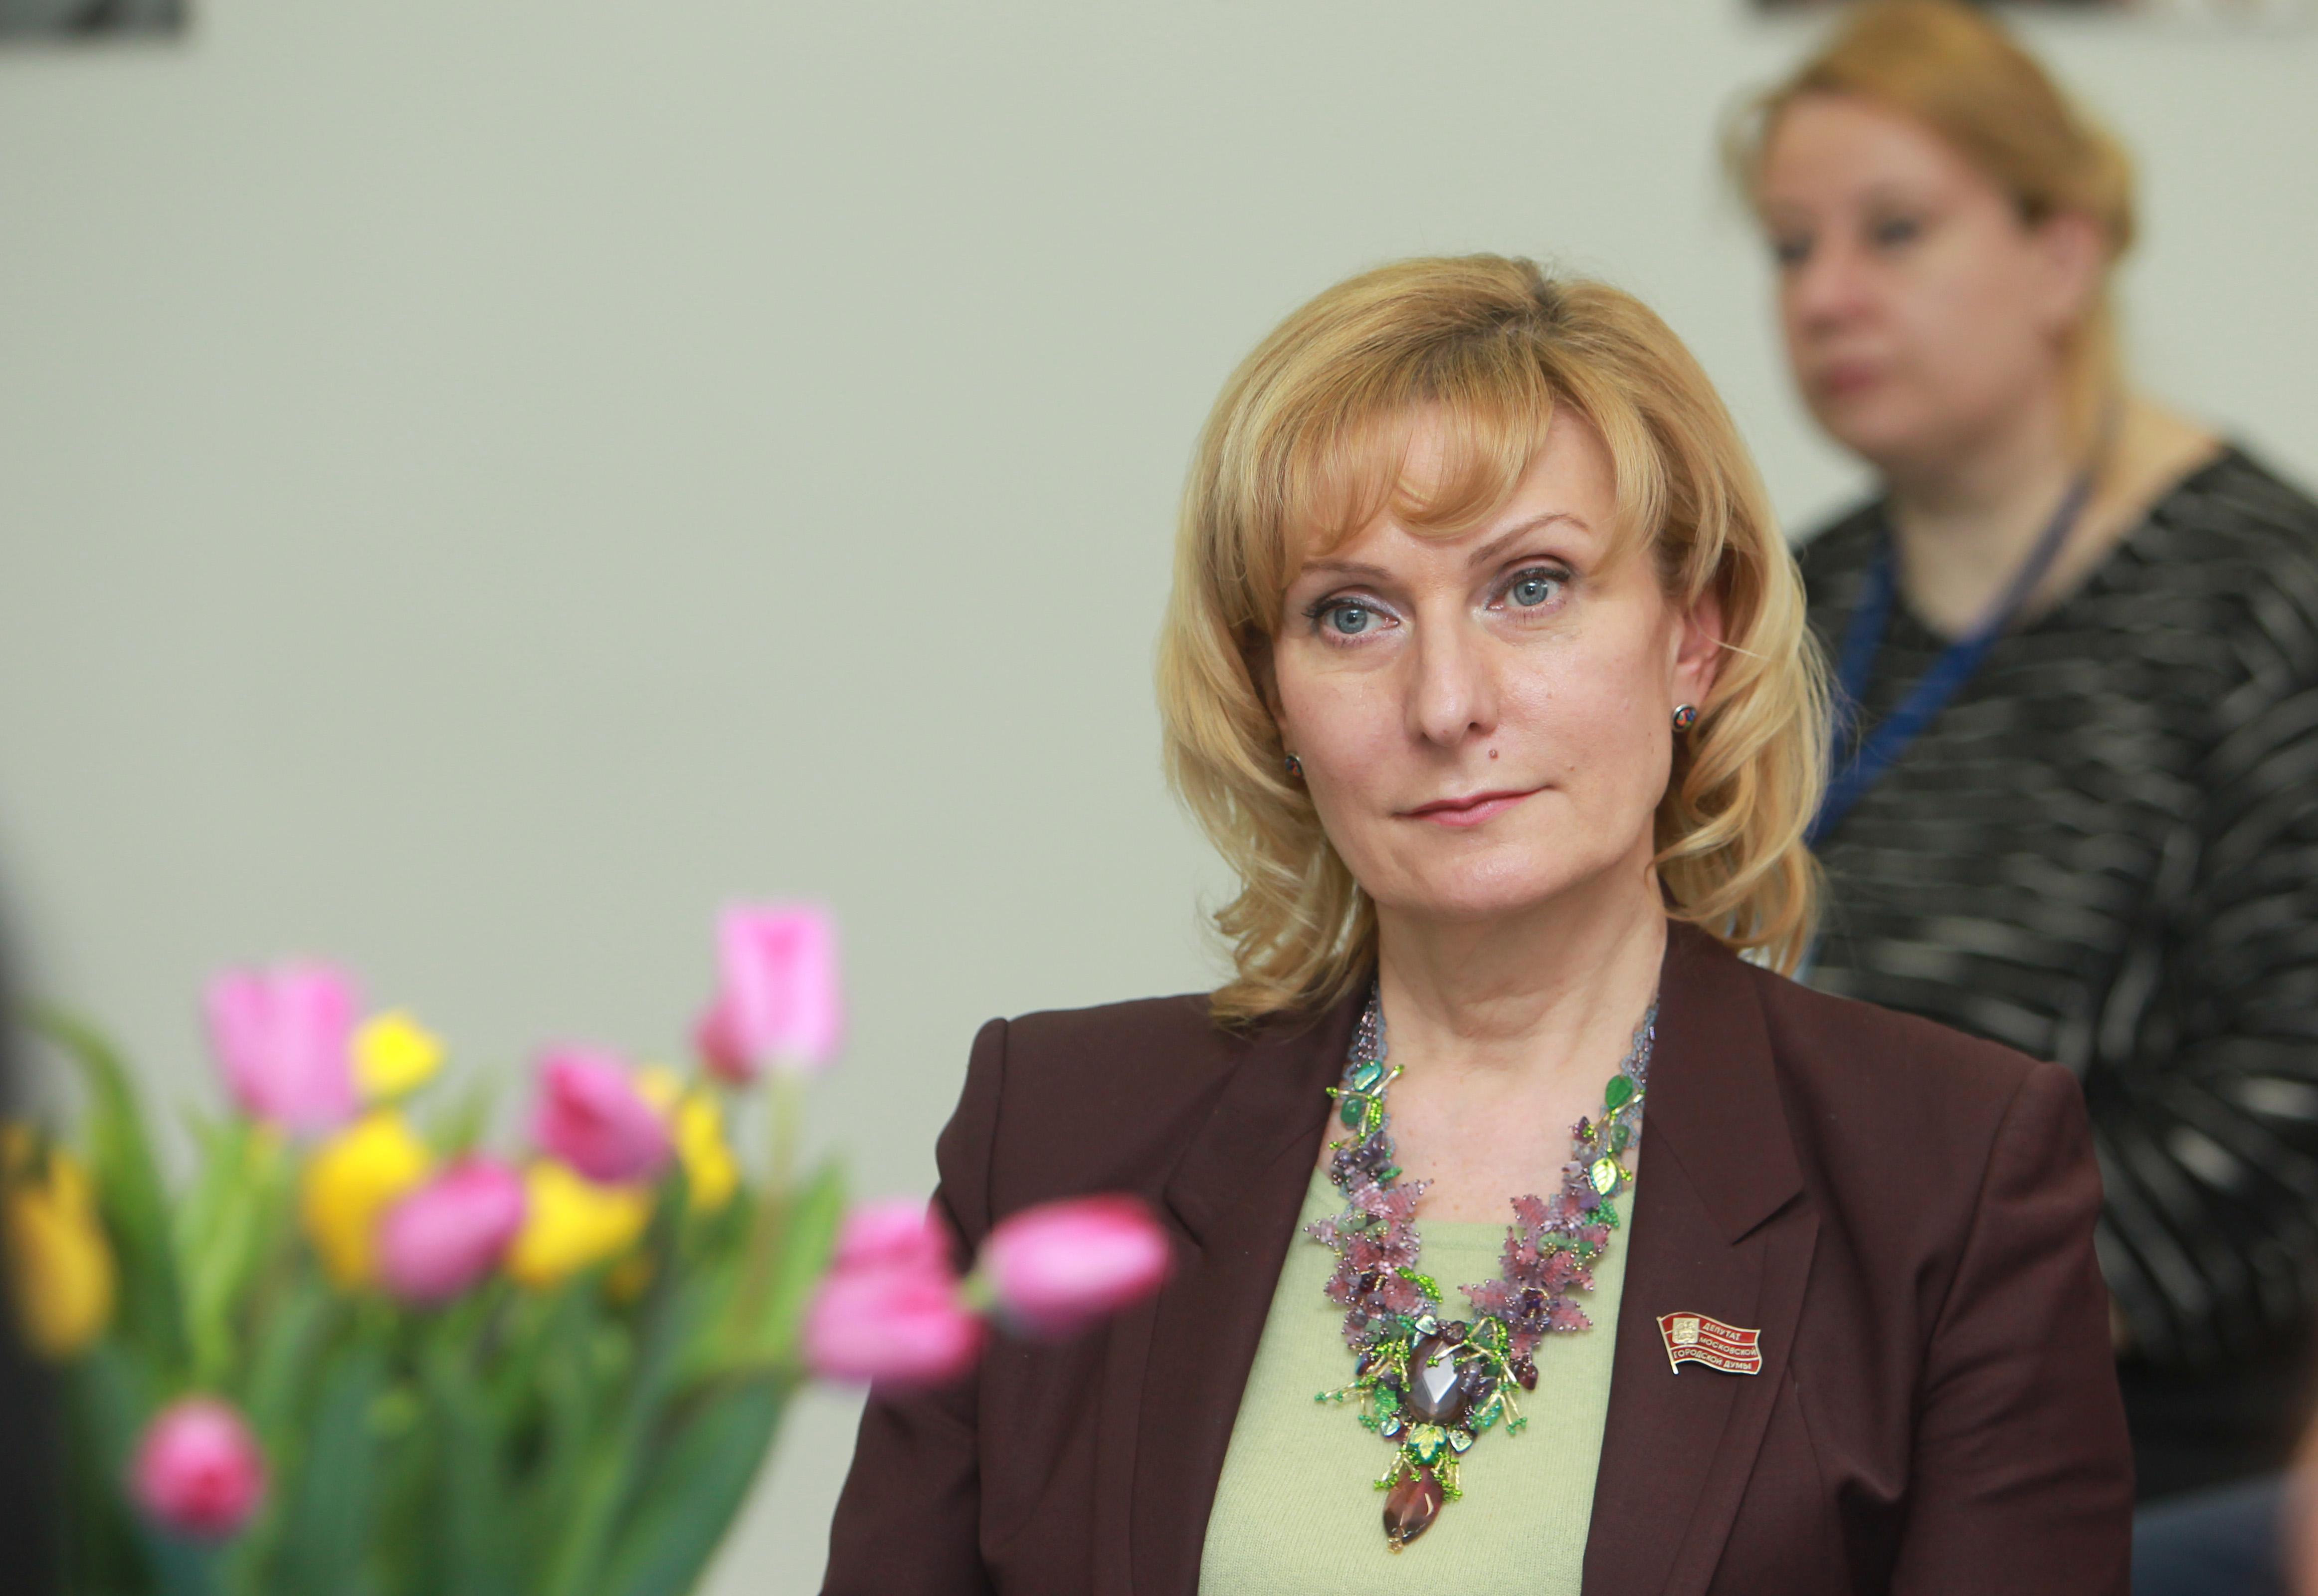 Сенатор Инна Святенко: конкурс «Москва — добрый город» продолжается, несмотря на пандемию коронавируса